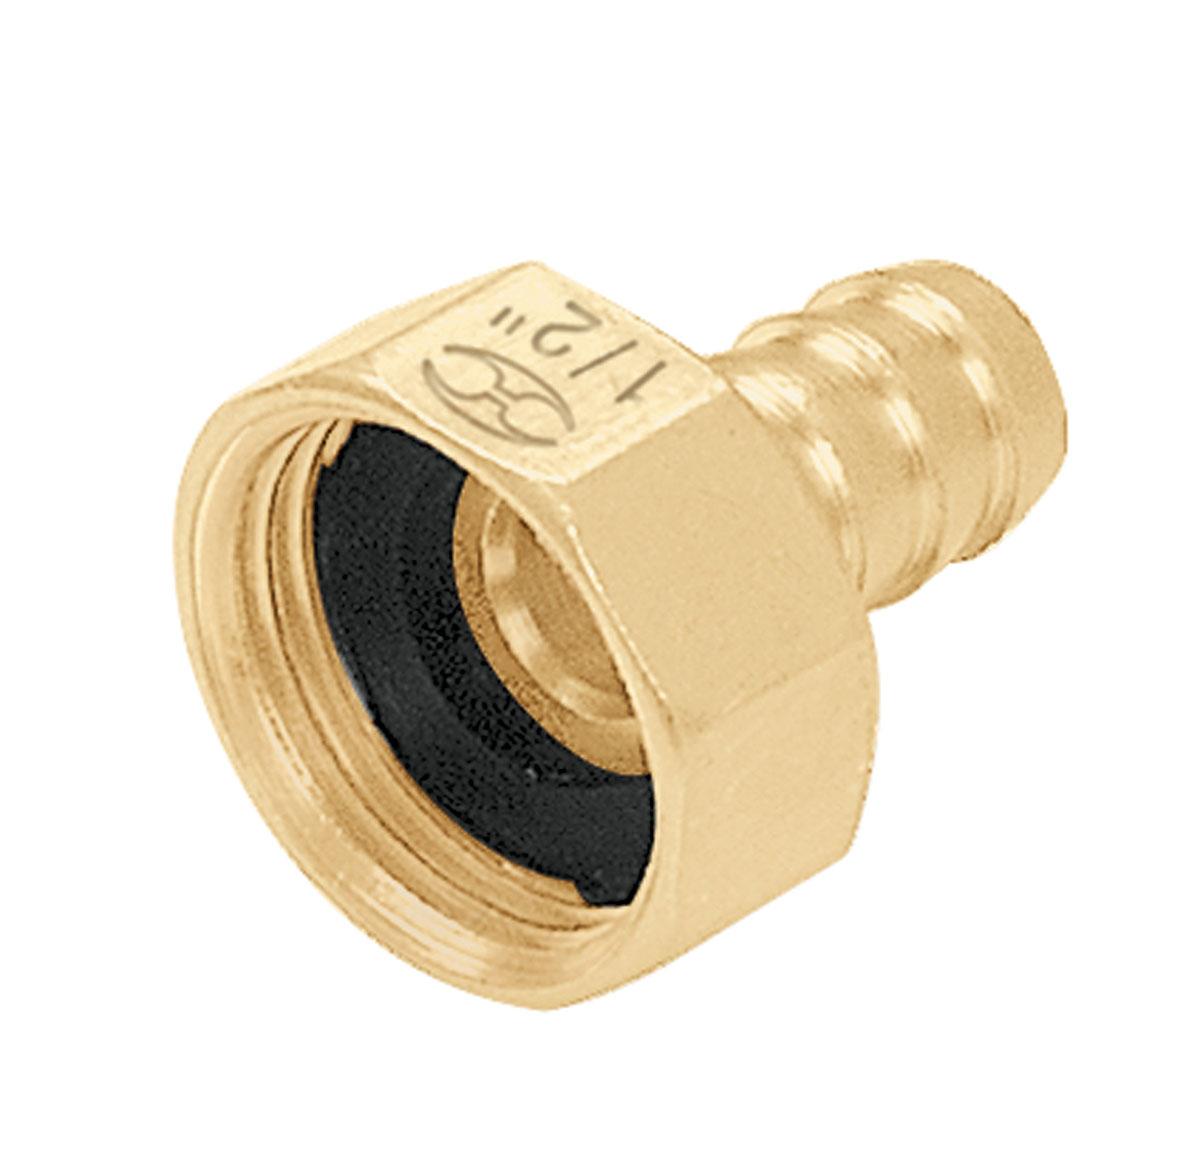 Коннектор для шланга Truper, латунный, мама, 1/2А00319Шланговый коннектор Truper, выполненный из латуни, предназначен для быстрого и многократного присоединения и отсоединения шланга к насадкам или крану. Тип соединения мама.